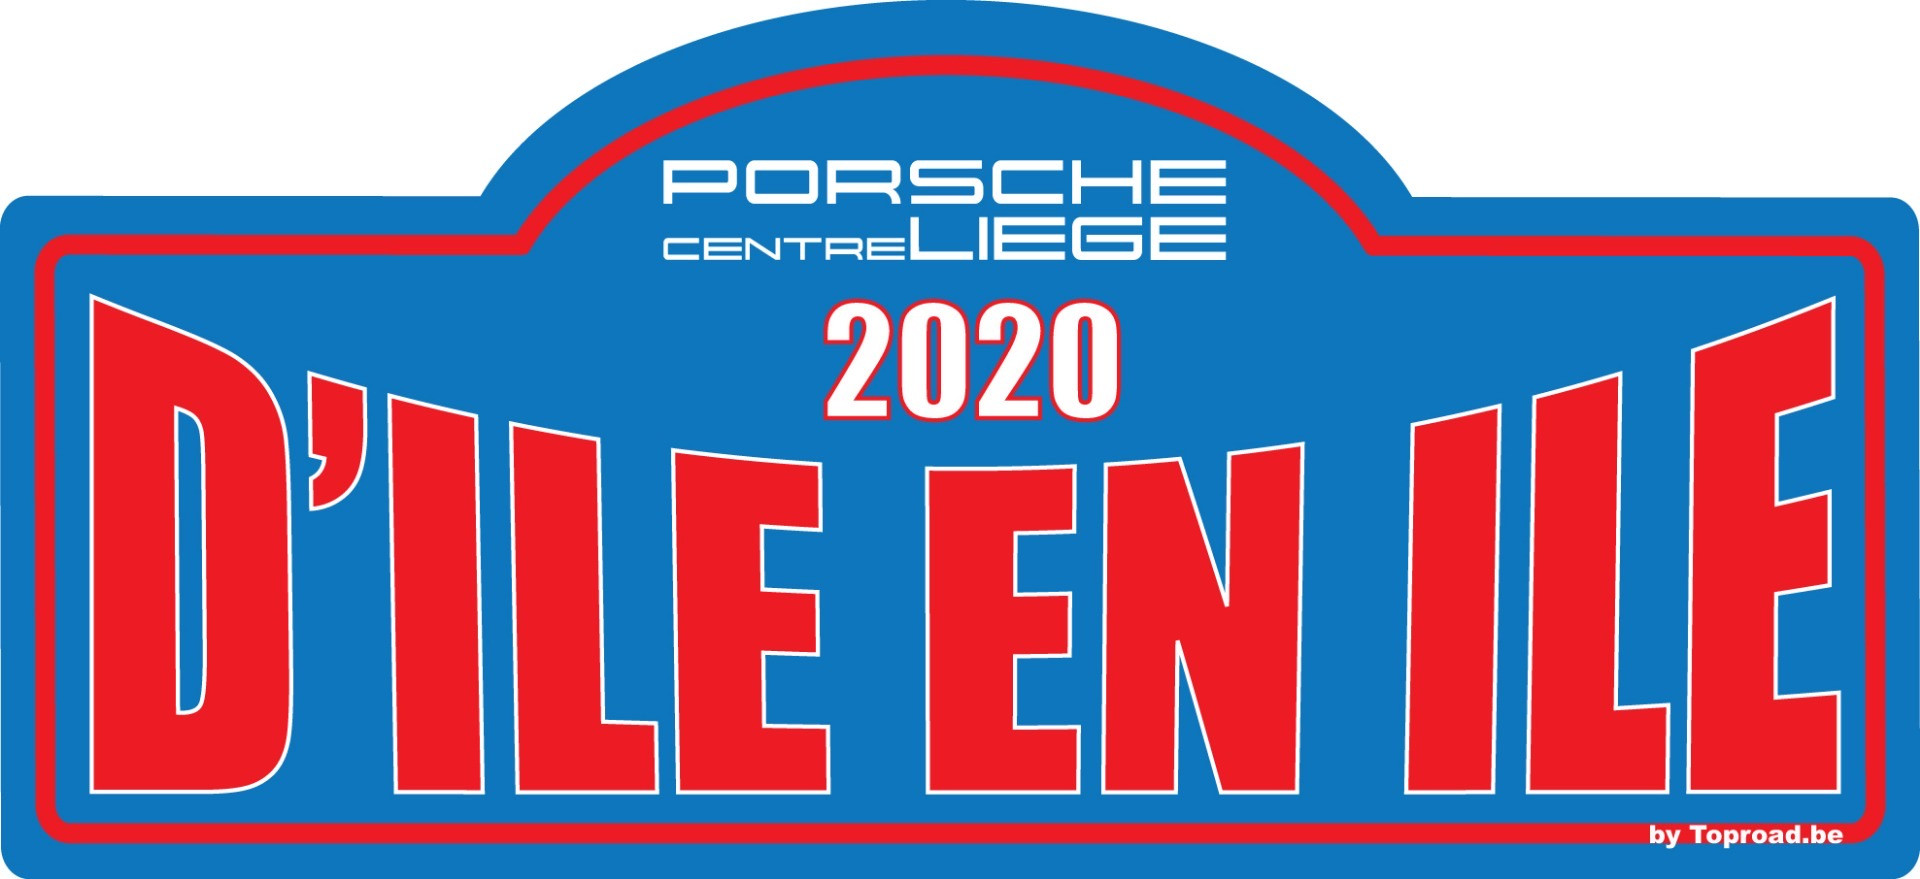 D'ÎLE EN ÎLE 2020